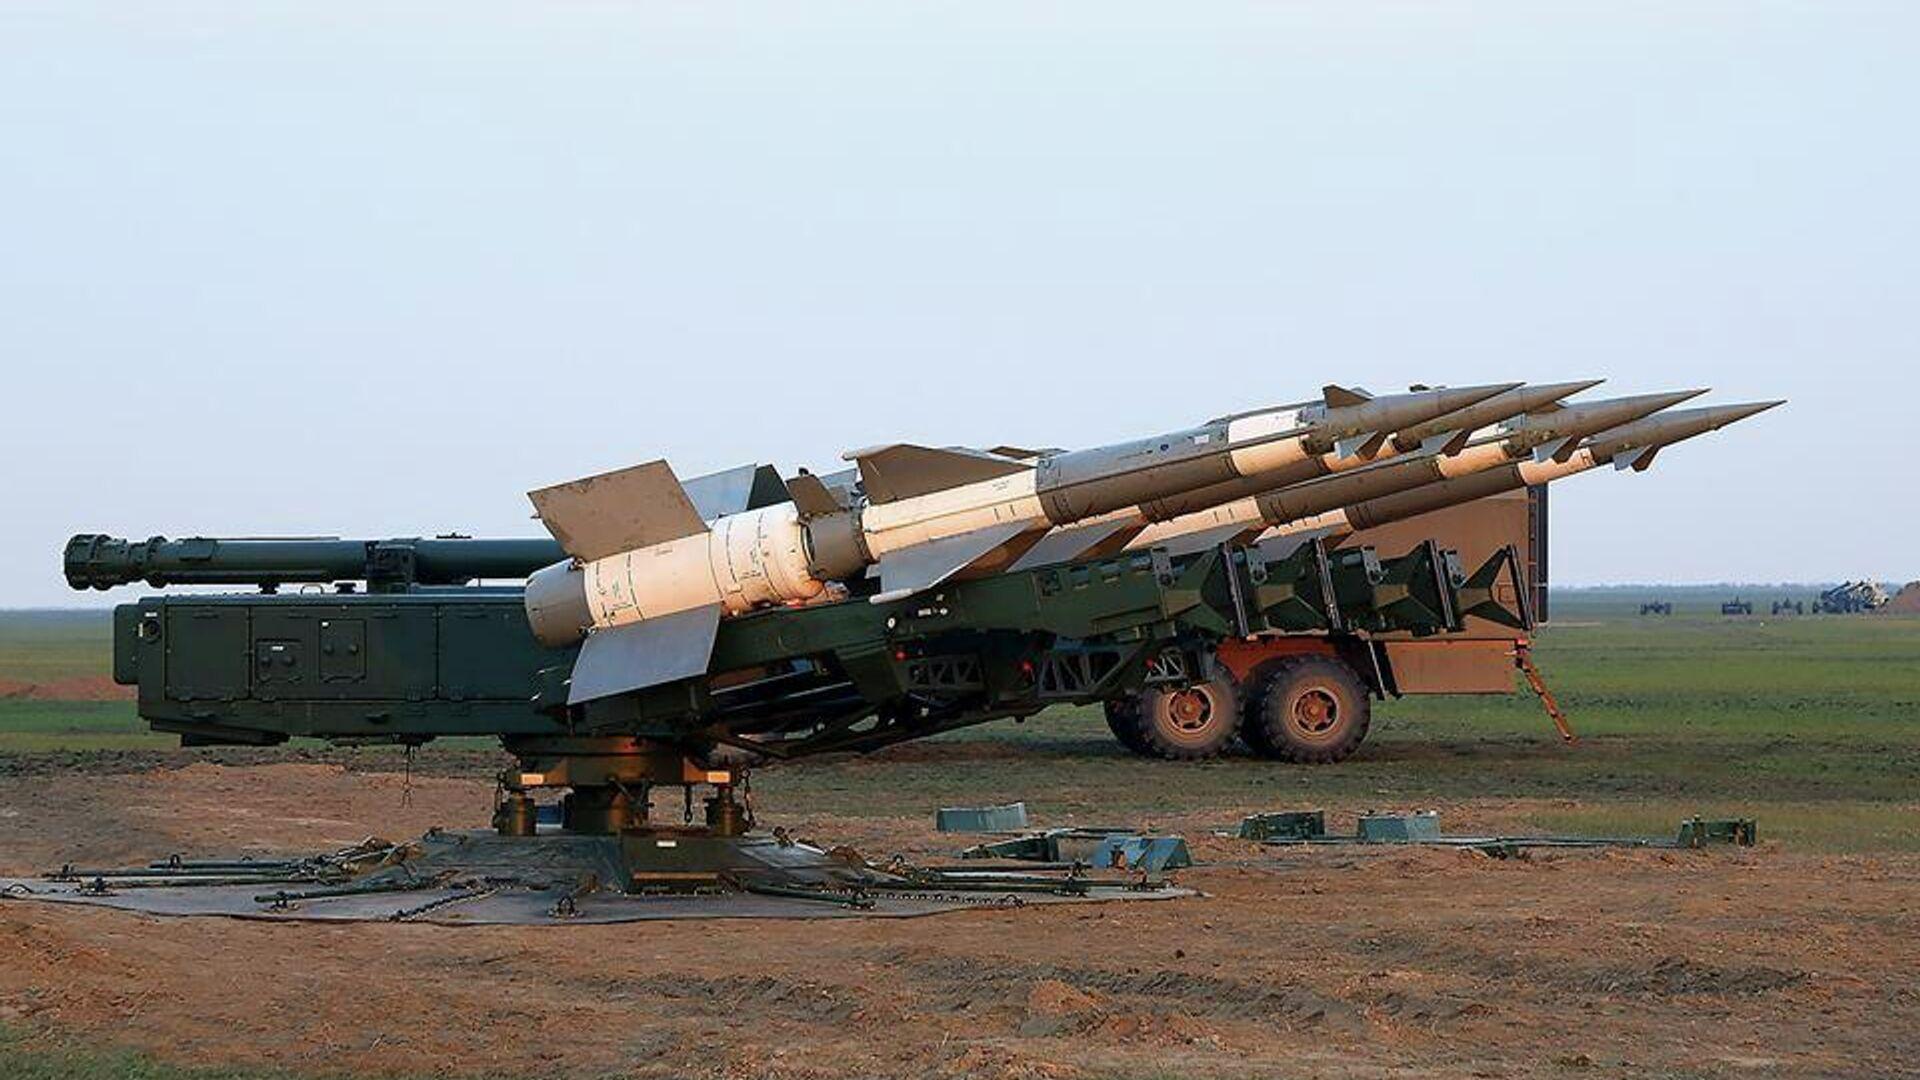 Учения с боевой стрельбой из зенитных ракетных комплексов ВС Украины - РИА Новости, 1920, 20.01.2021